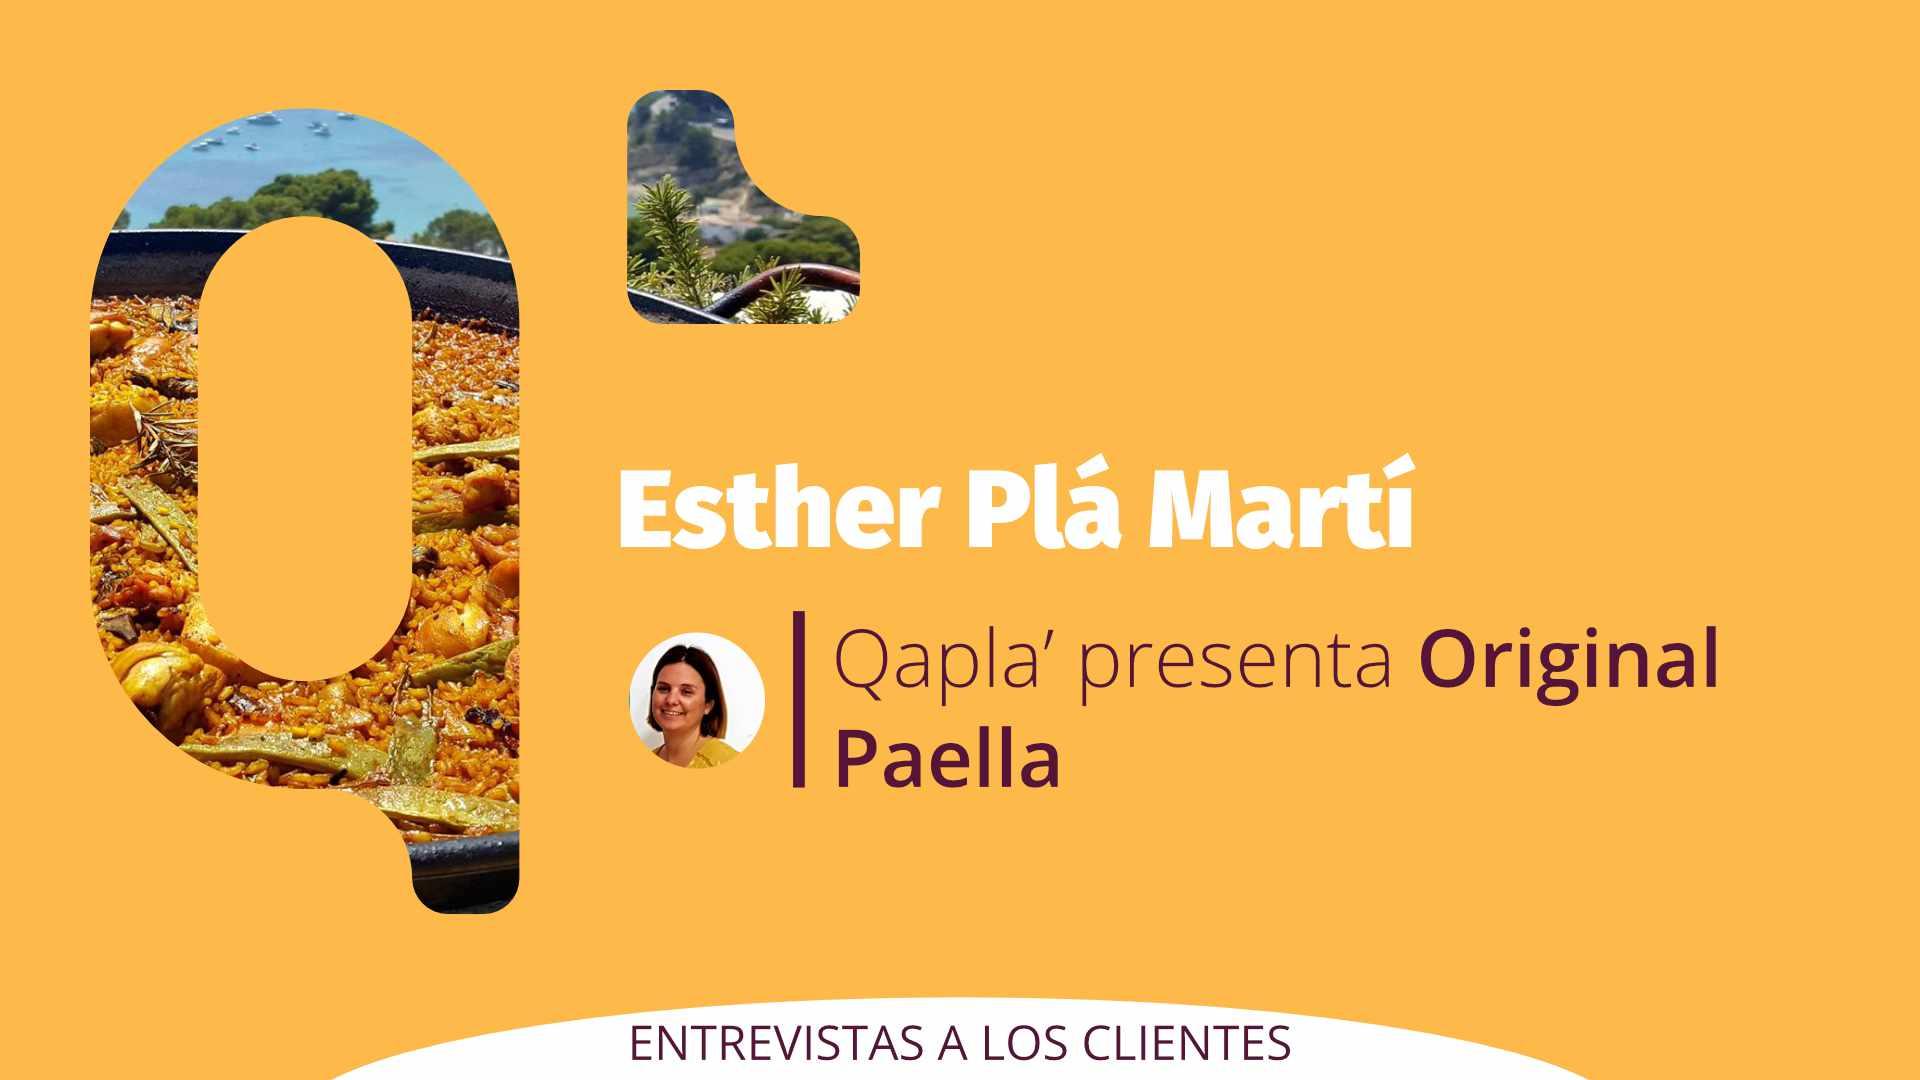 Original Paella ES